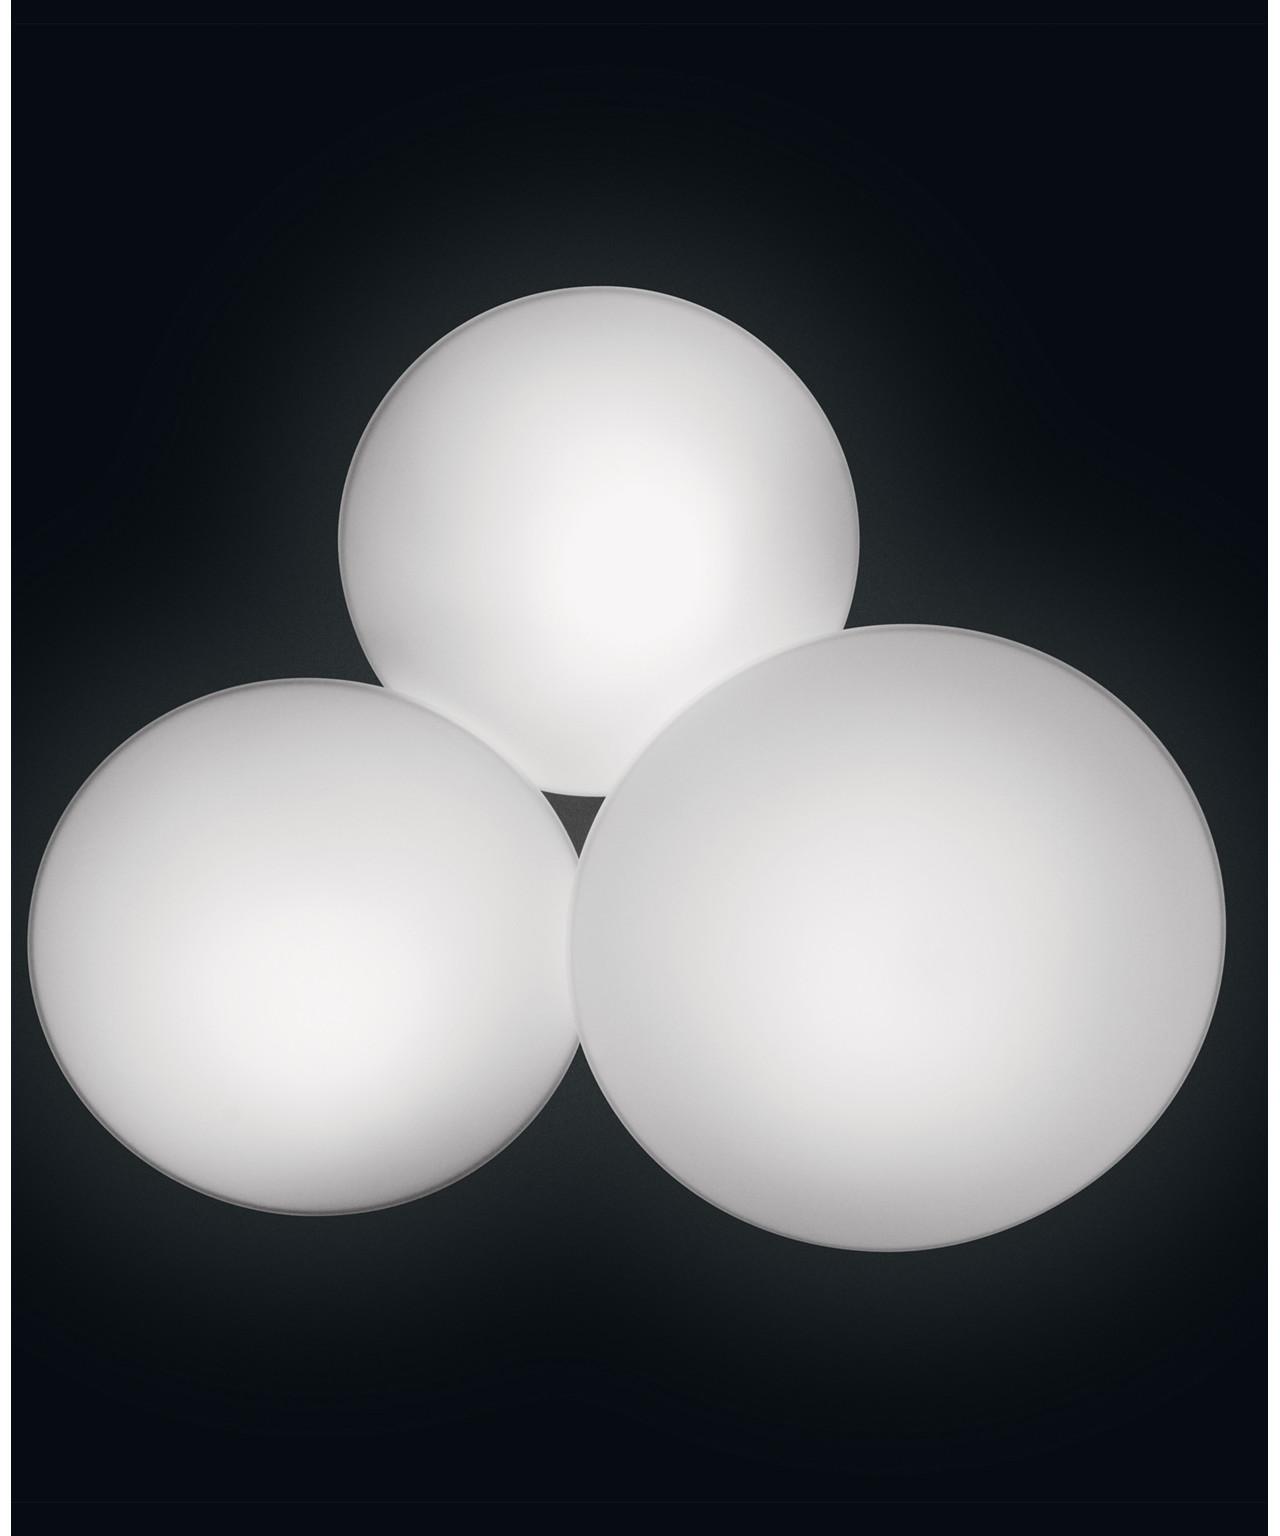 Puck 1 væglampe/loftlampe ø27,2 led